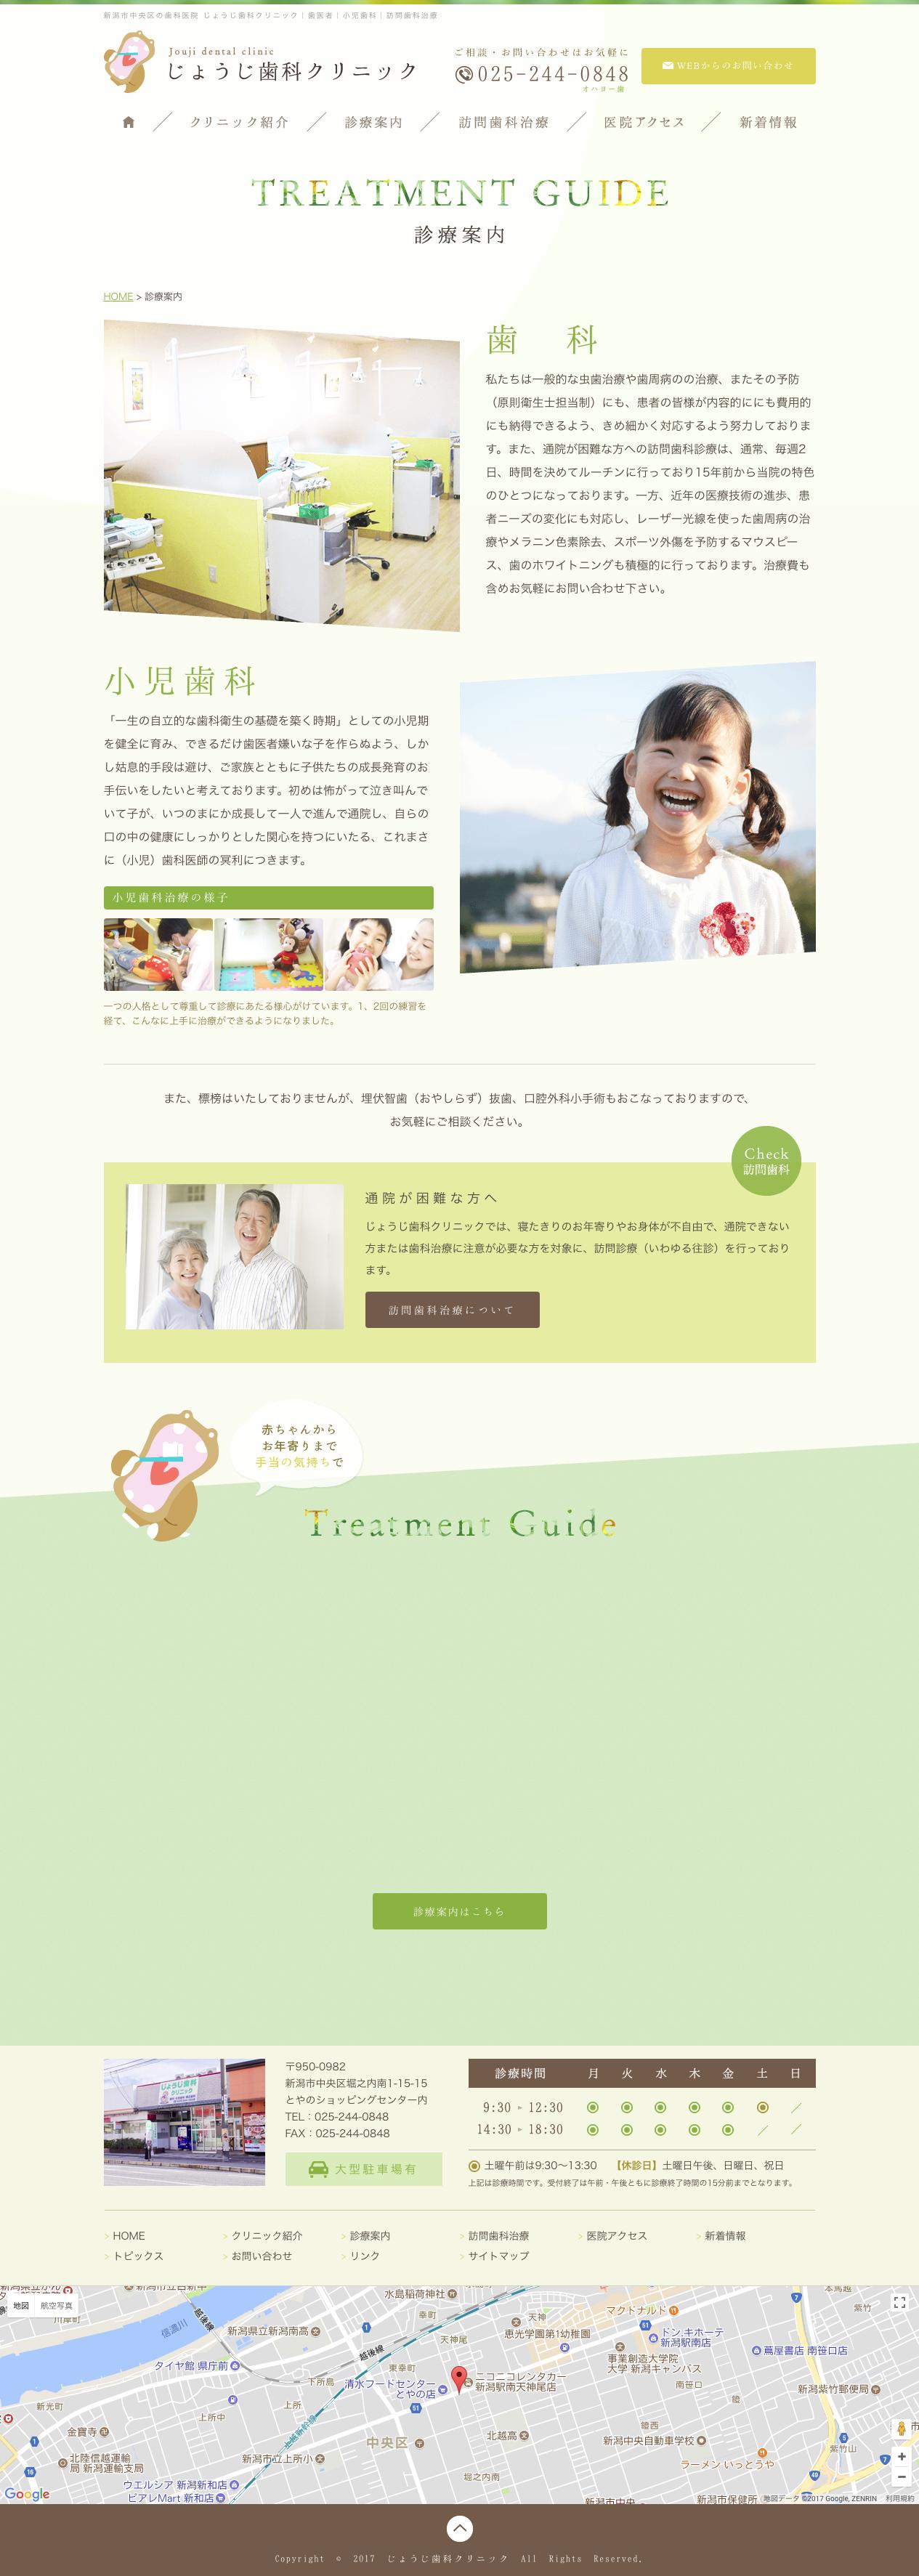 じょうじ歯科クリニック 様のホームページ